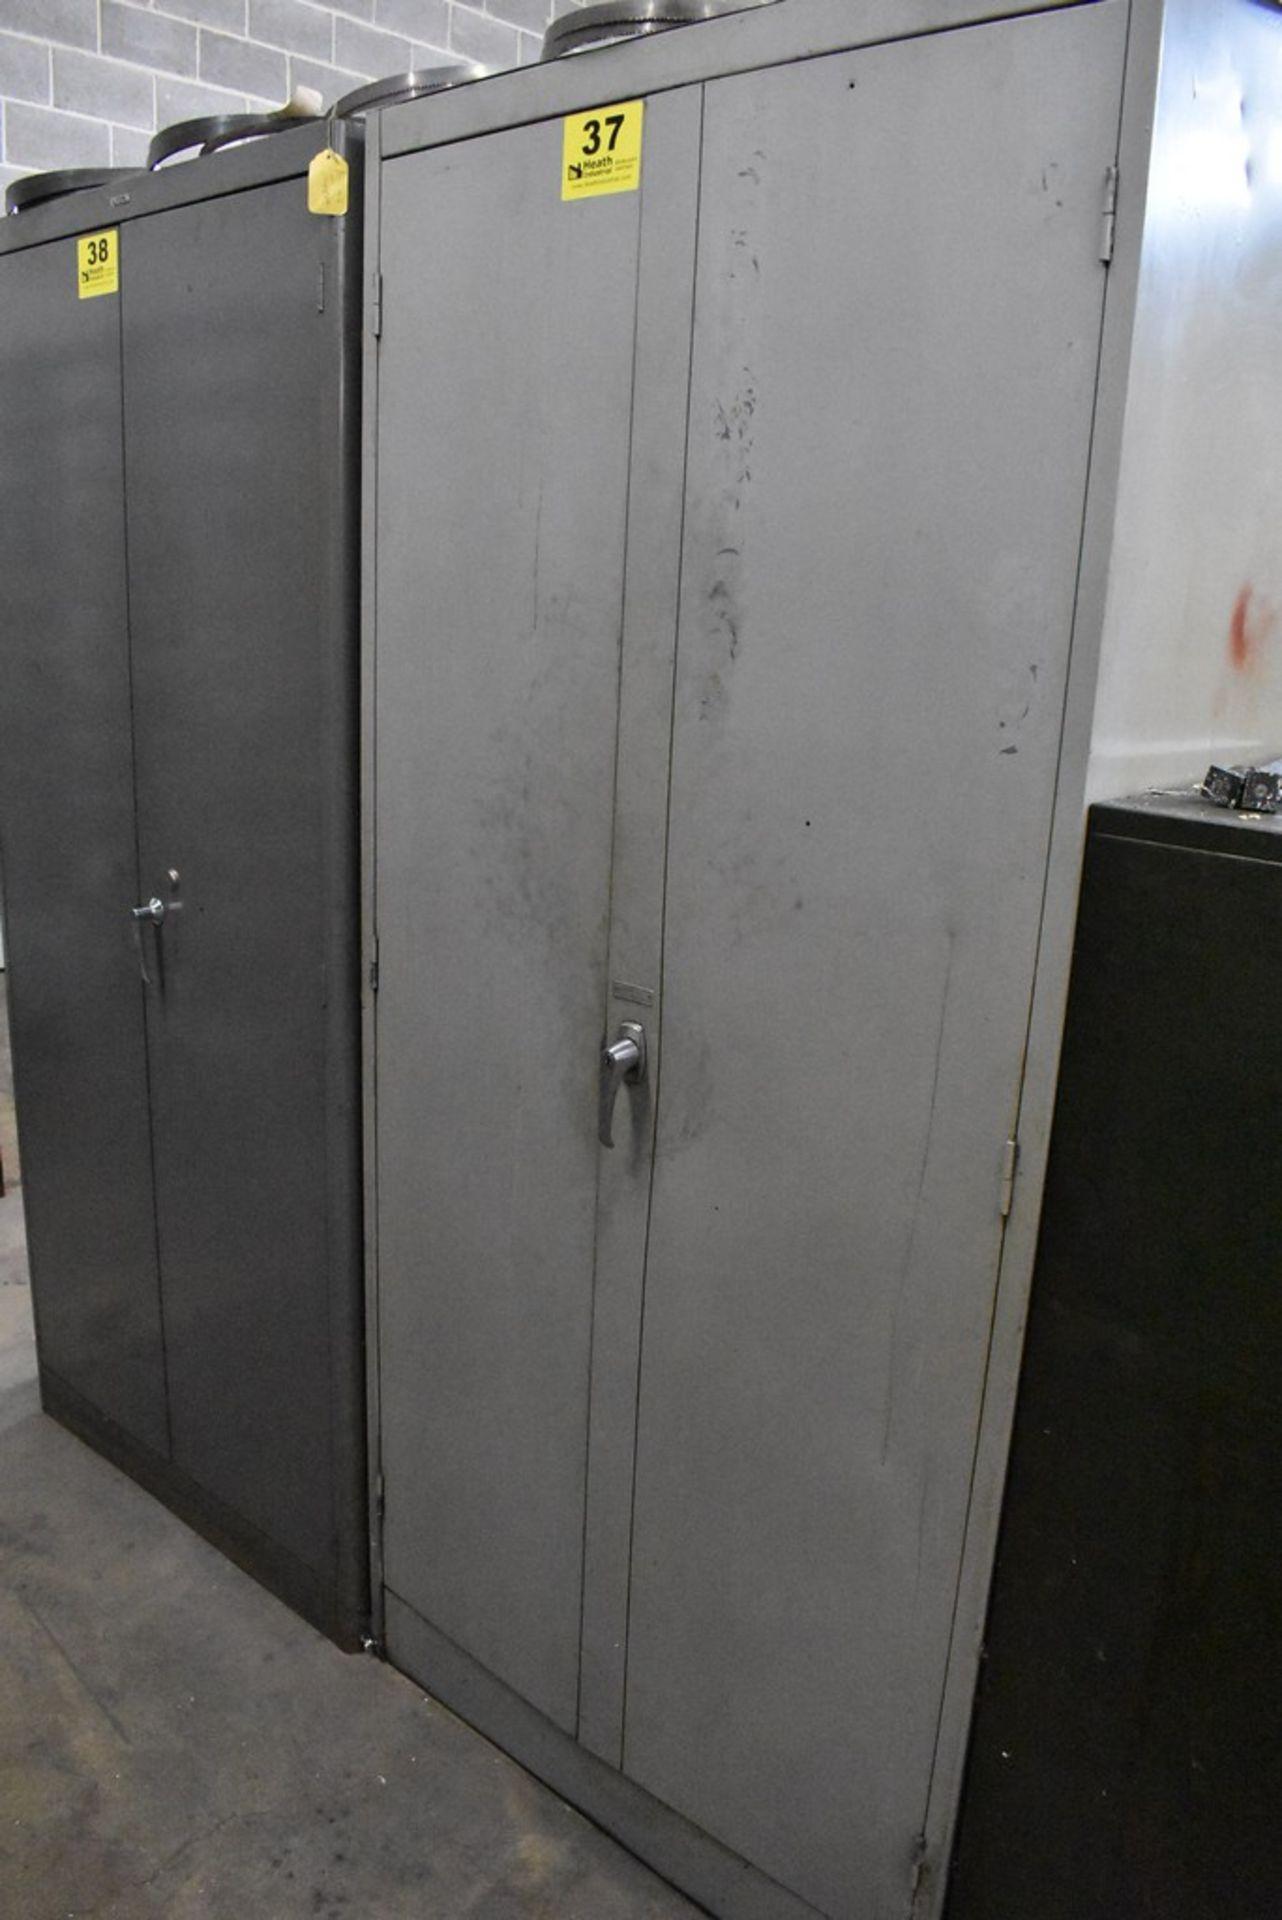 HOBART THIRTEEN DRAWER STEEL TOOL CABINET